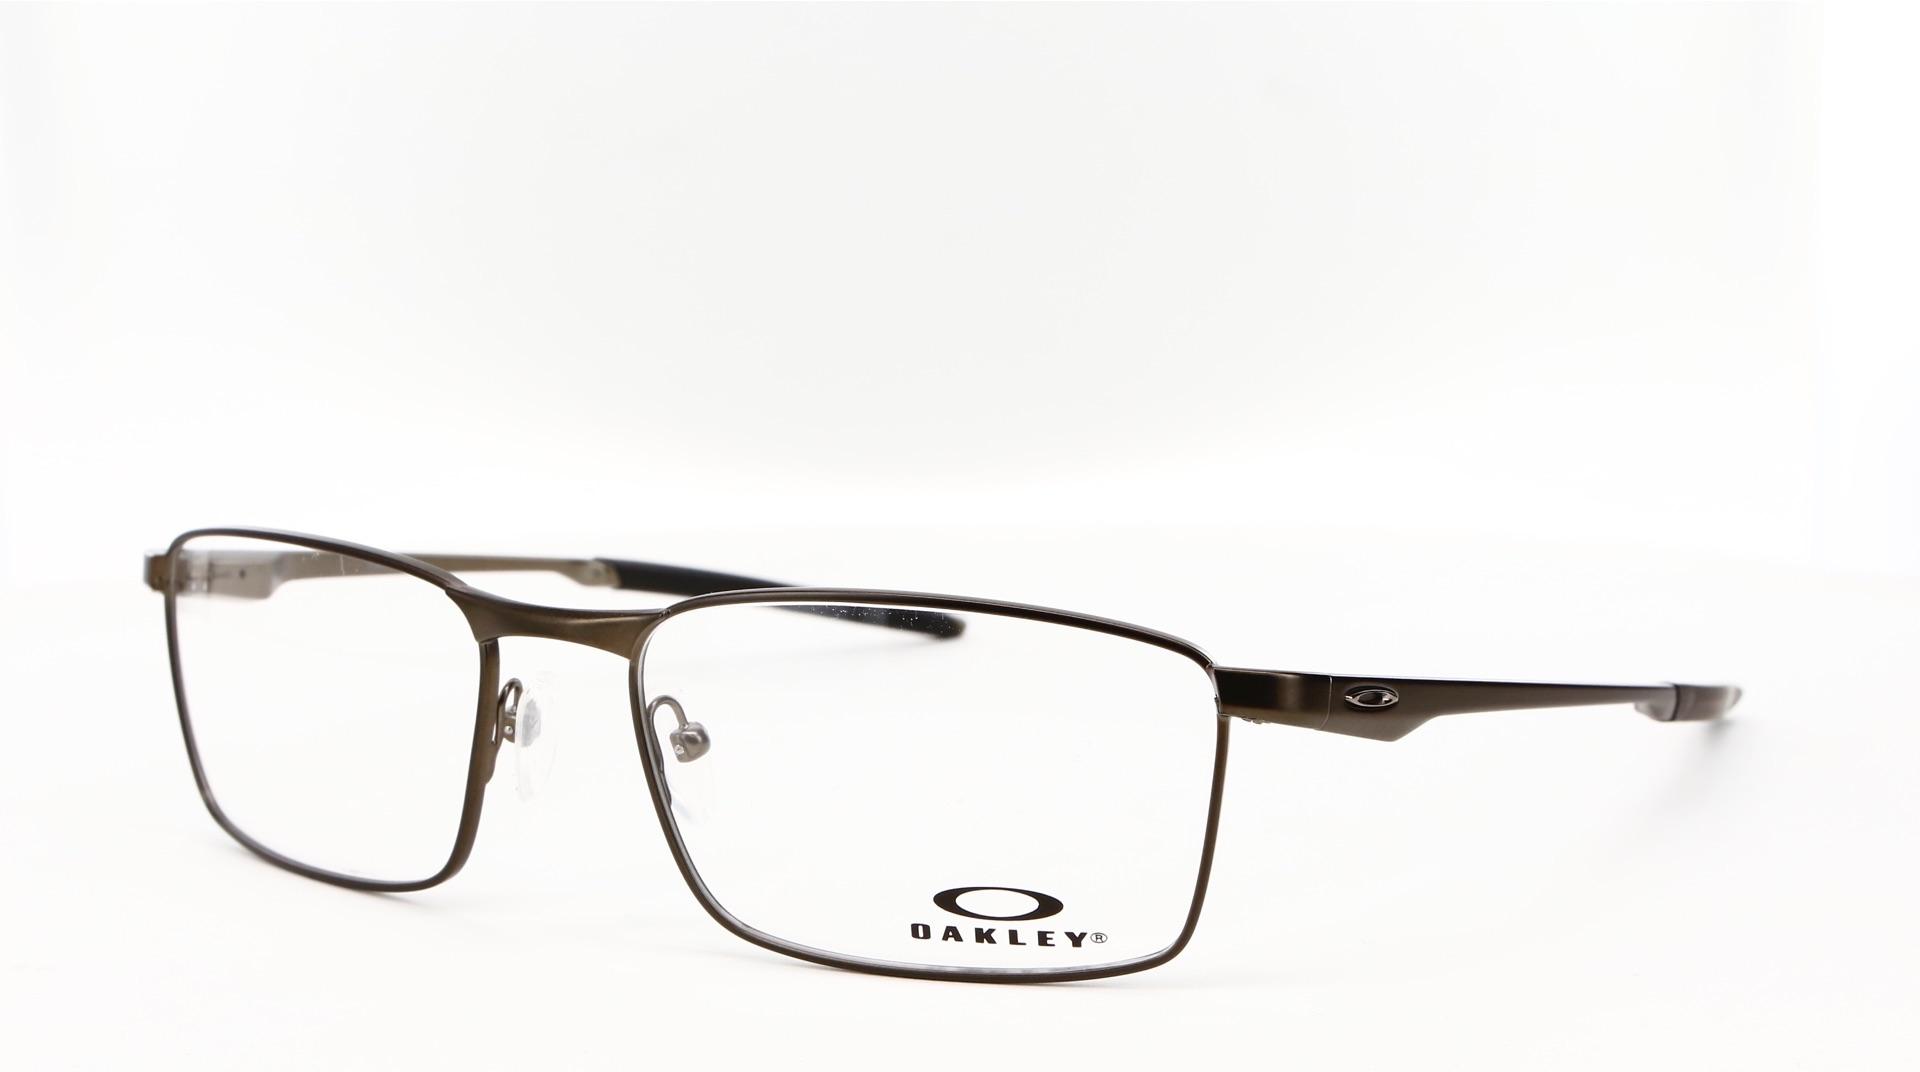 Oakley - ref: 78522